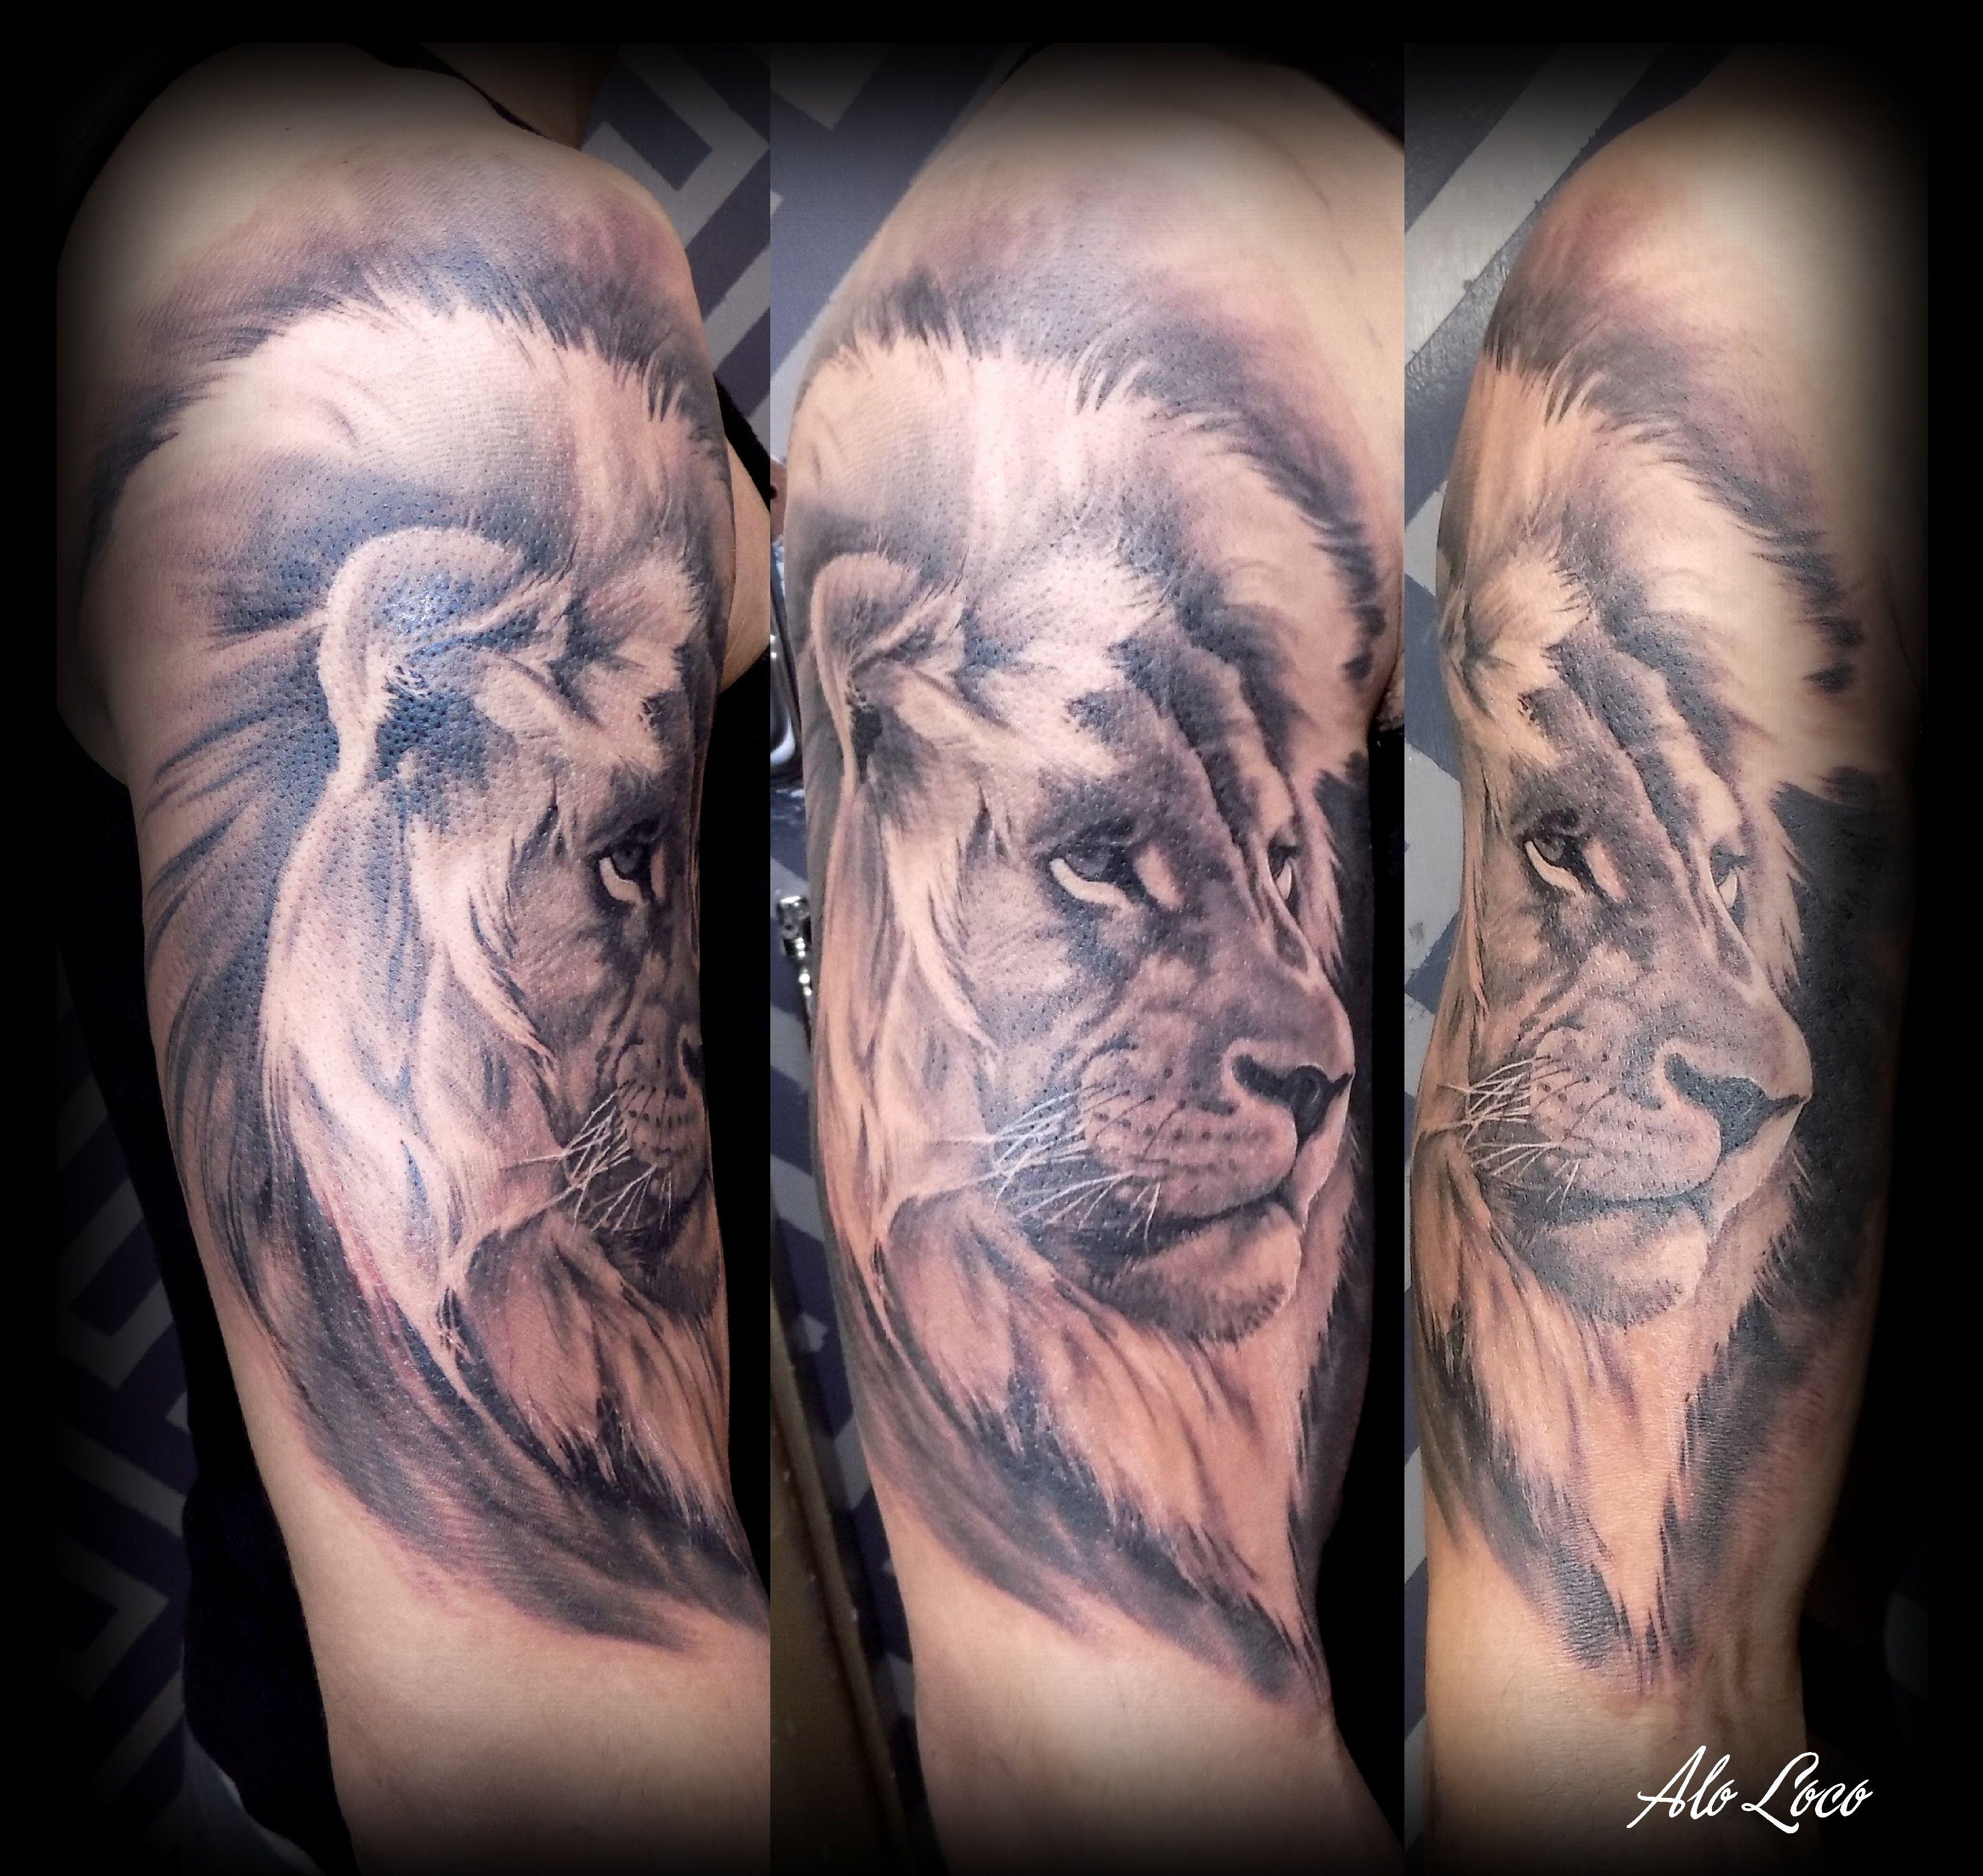 alo loco london tattoo artist realistic lion portrait tattoo l wen tattoo pinterest. Black Bedroom Furniture Sets. Home Design Ideas